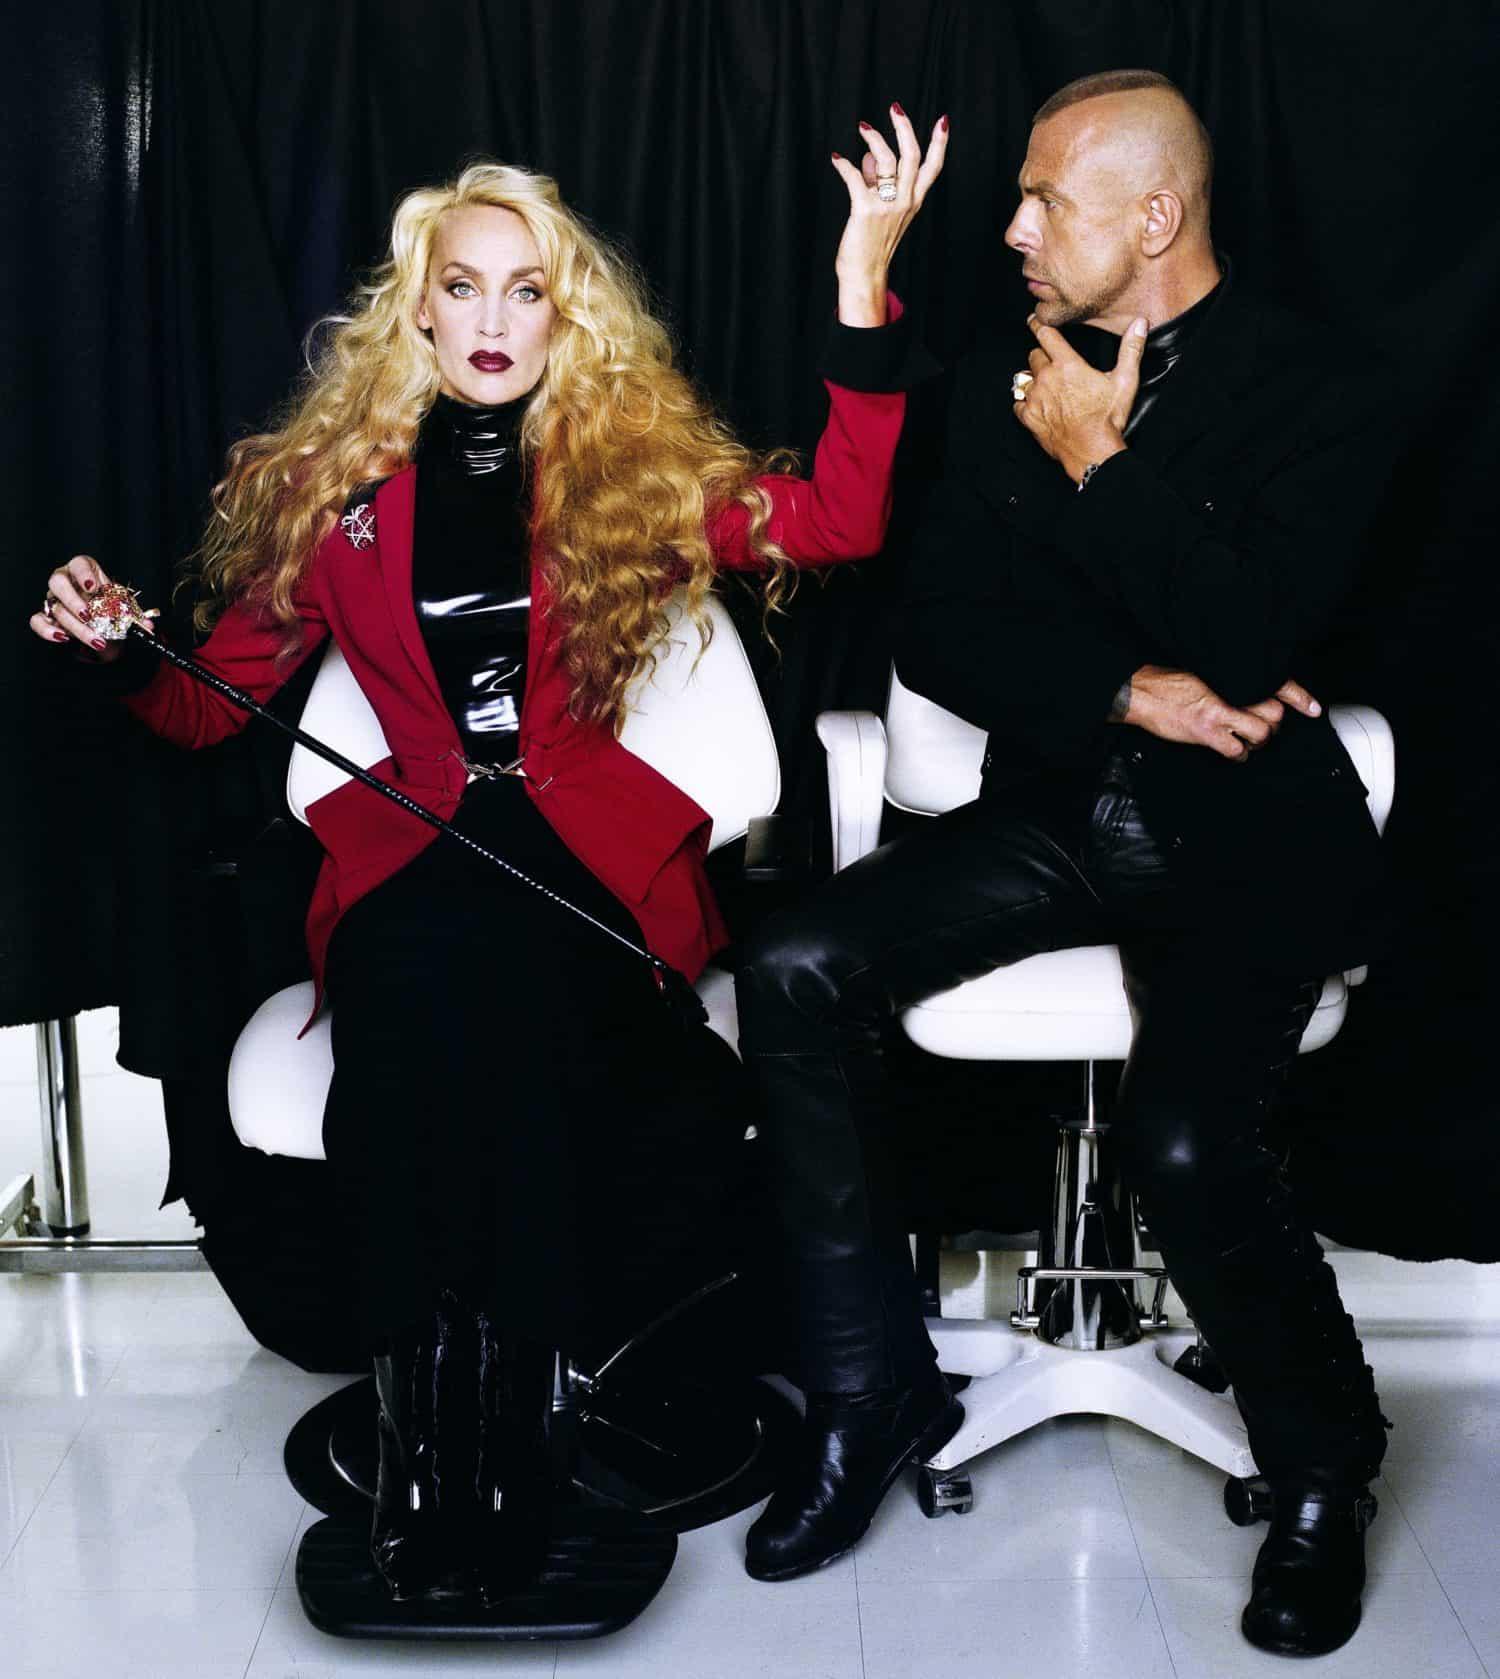 Mann im Sessel schaut auf Frau im Sessel welche eine Pose macht, Kleidung von Thierry Mugler